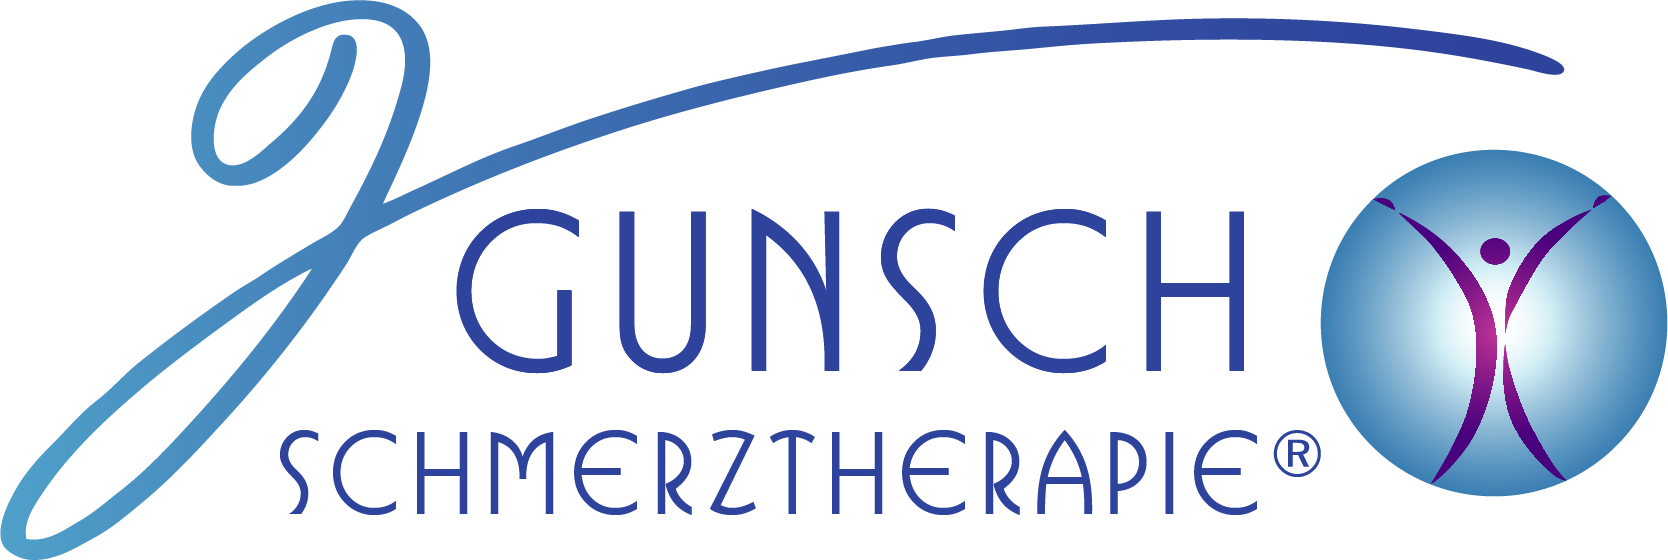 Logo Praxis Gunsch Schmerztherapie